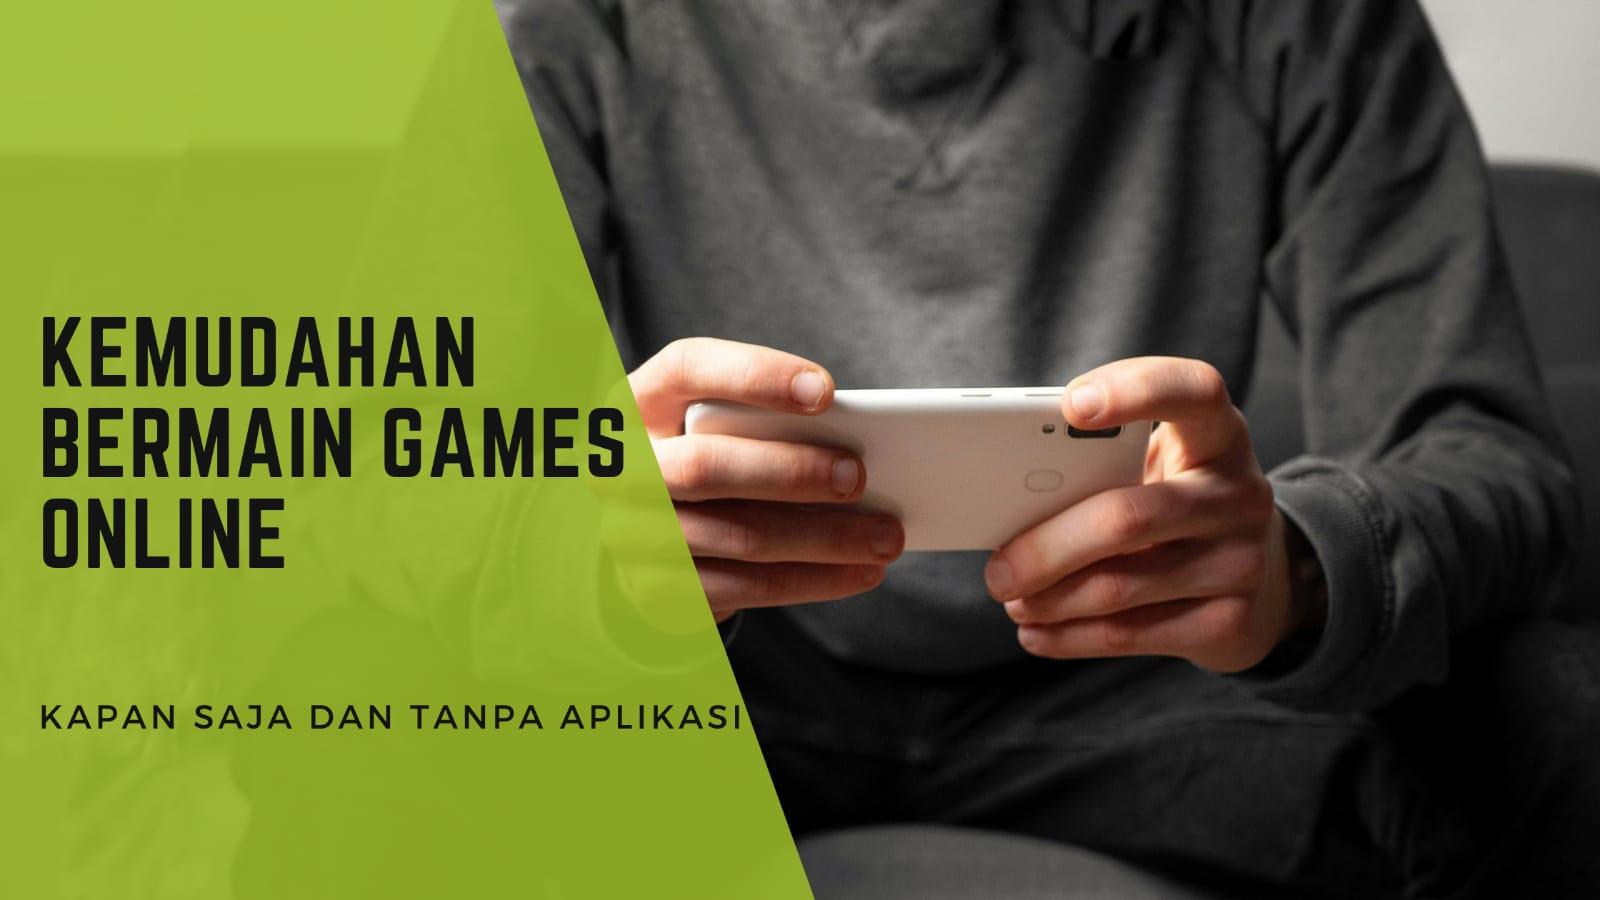 kemudahan-bermain-games-online